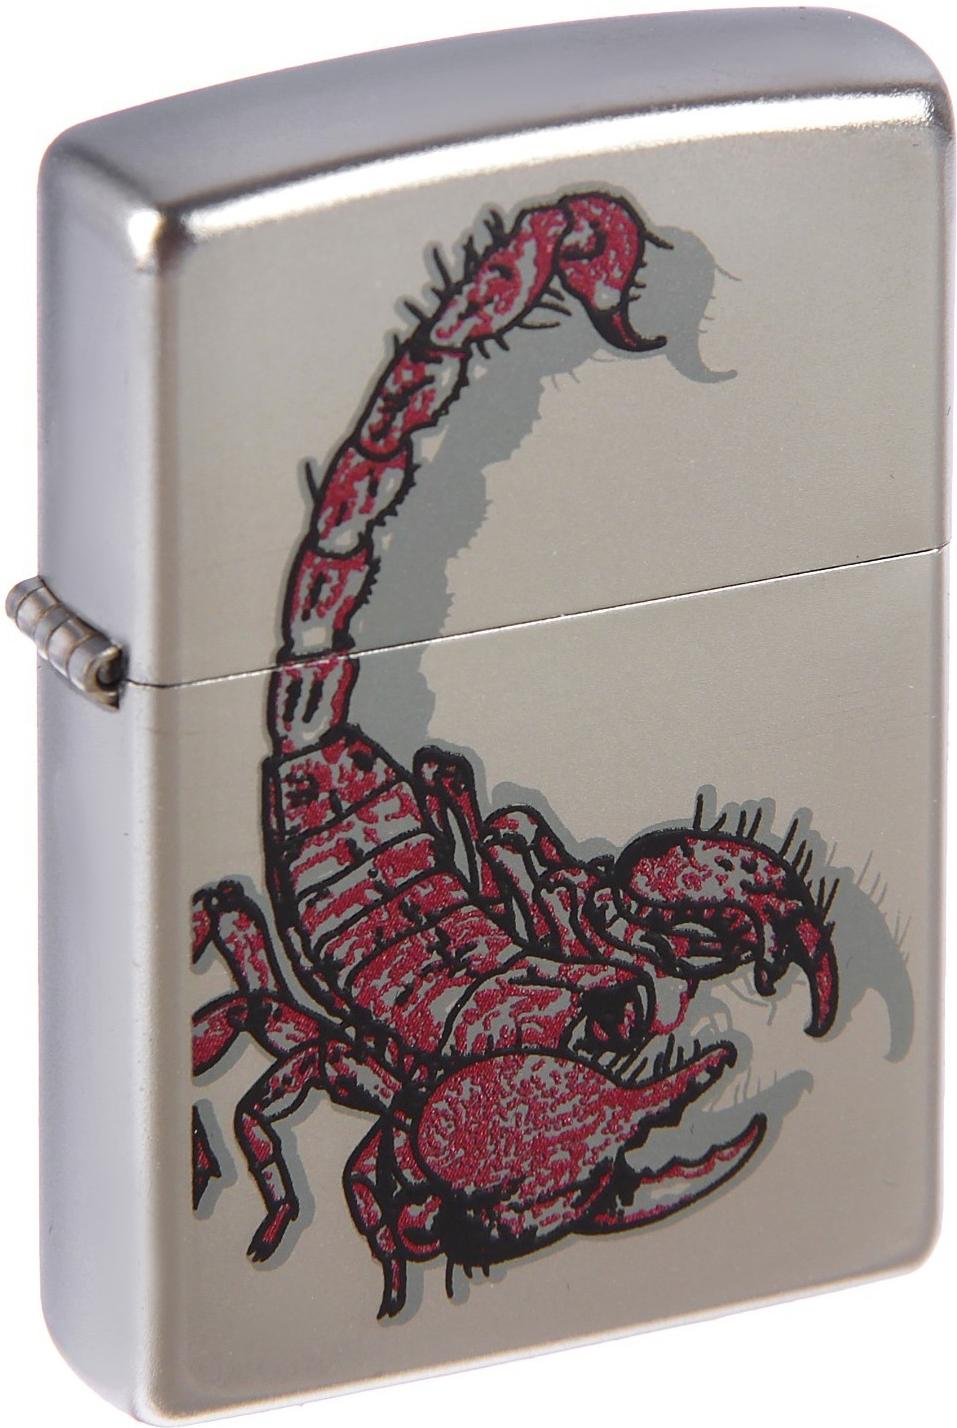 Зажигалка Zippo №205 Scorpion Color Satin Chrome